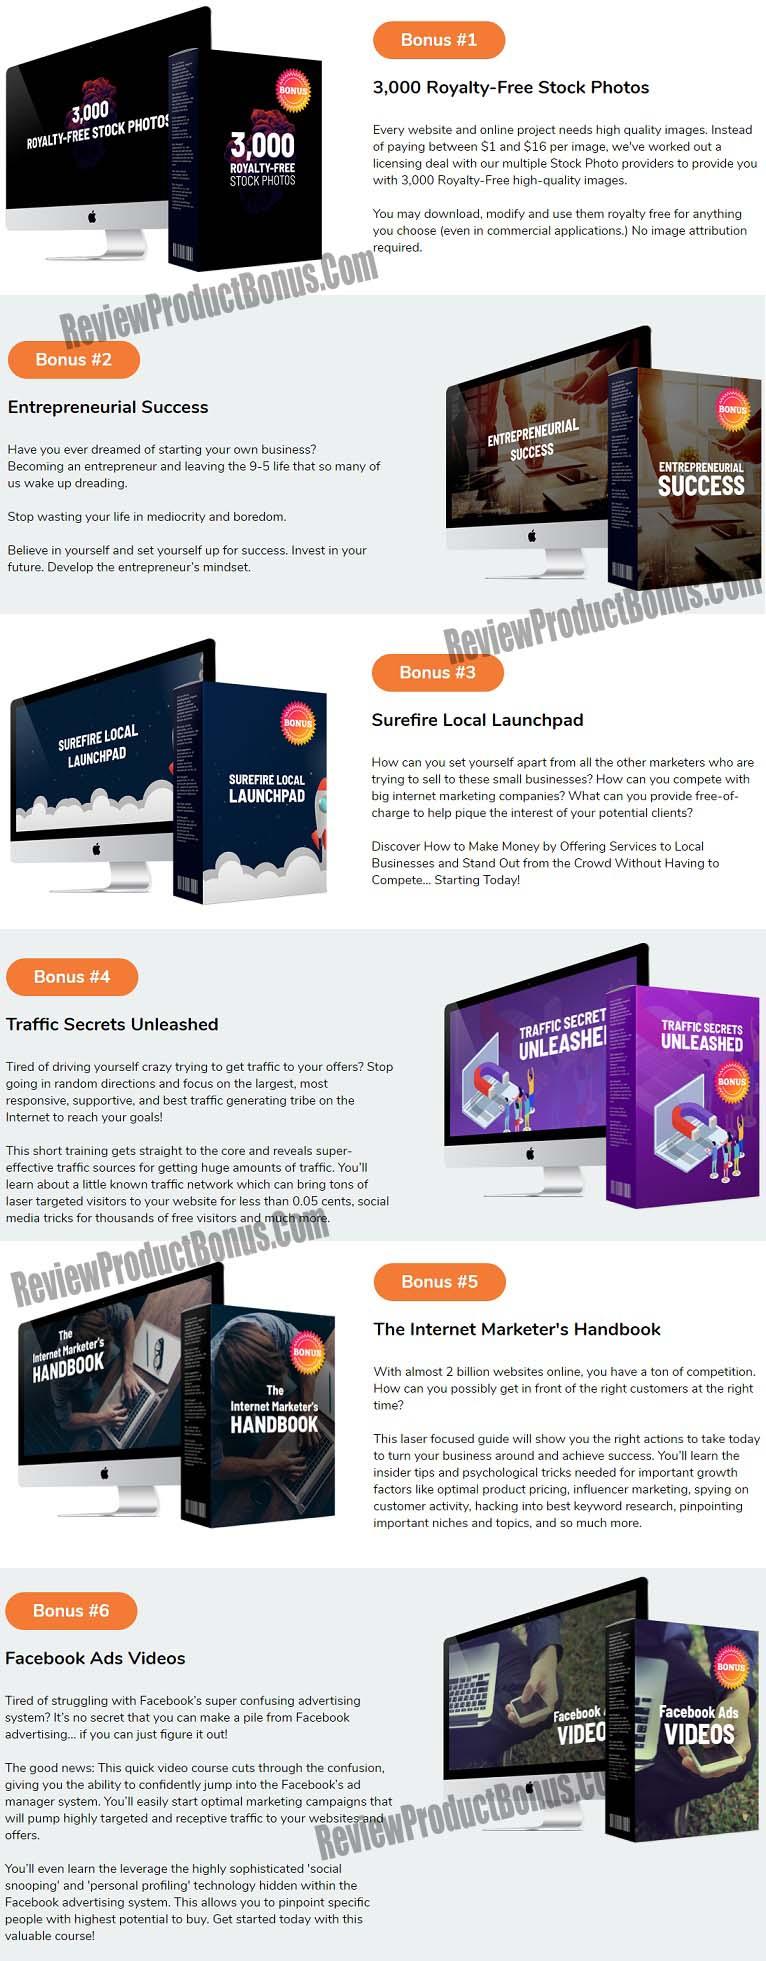 Eight Web Hosting Bonus